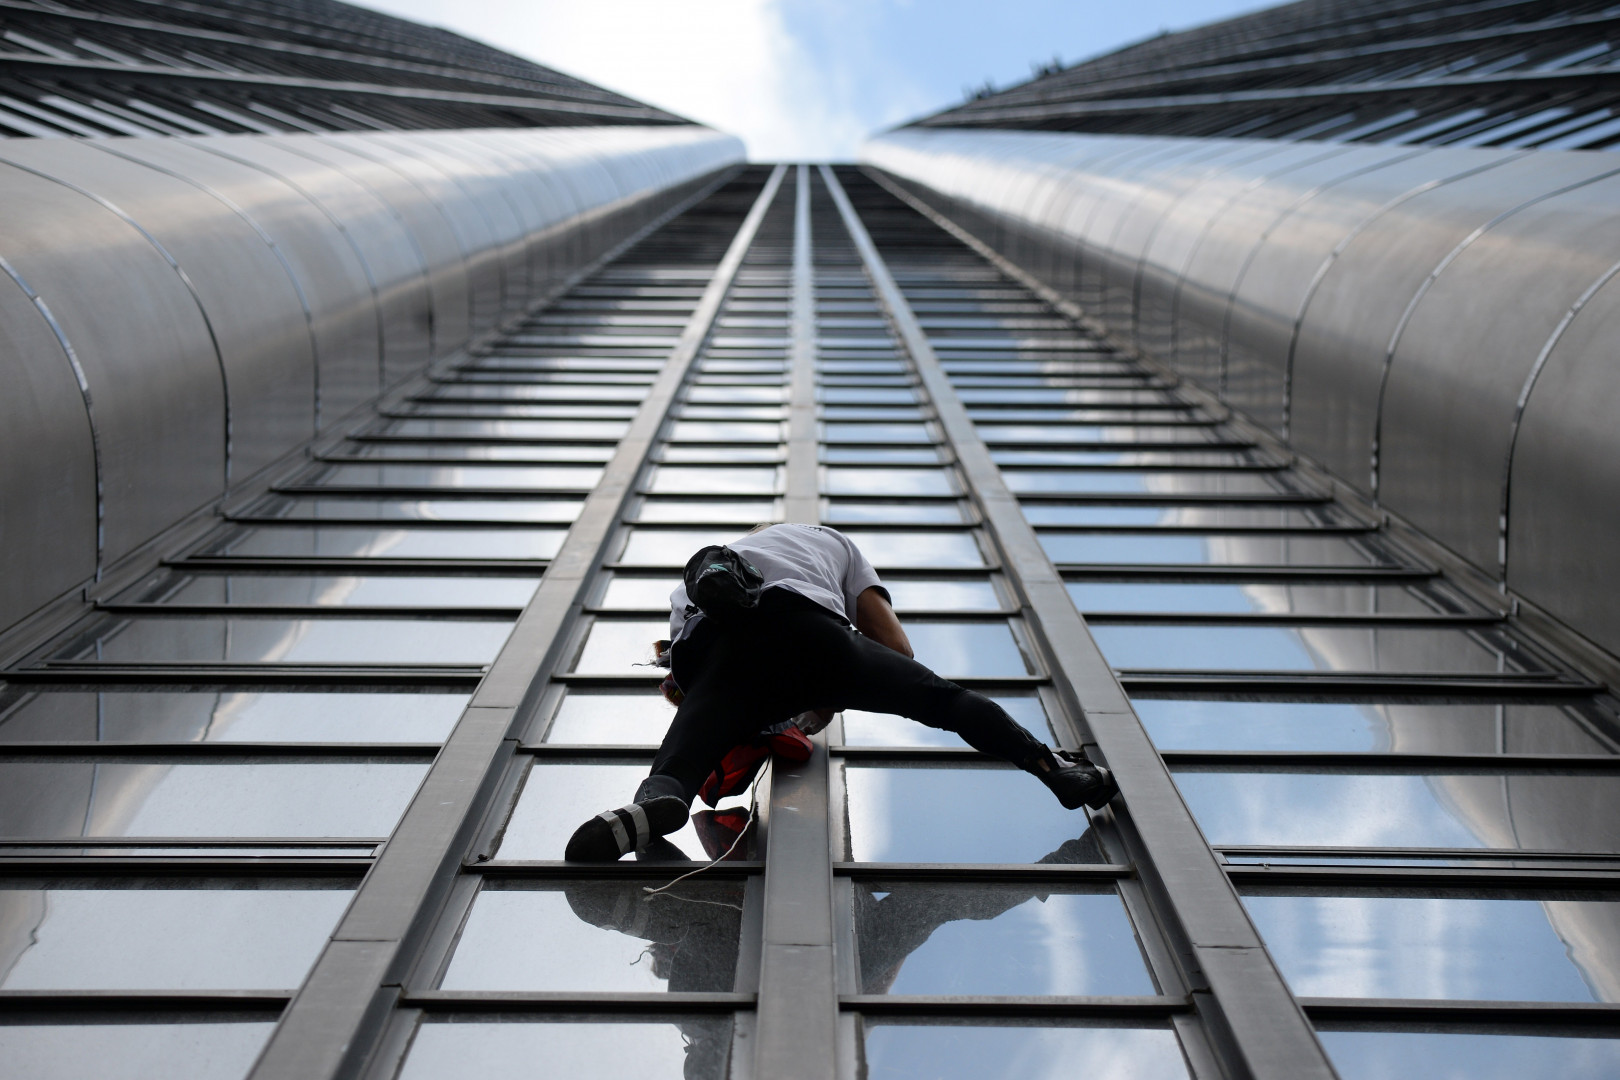 Alain Robert, l'homme-araignée français, entame pour la troisième fois en 20 ans l'ascension de la tour Montparnasse à Paris, le 28 avril 2015.